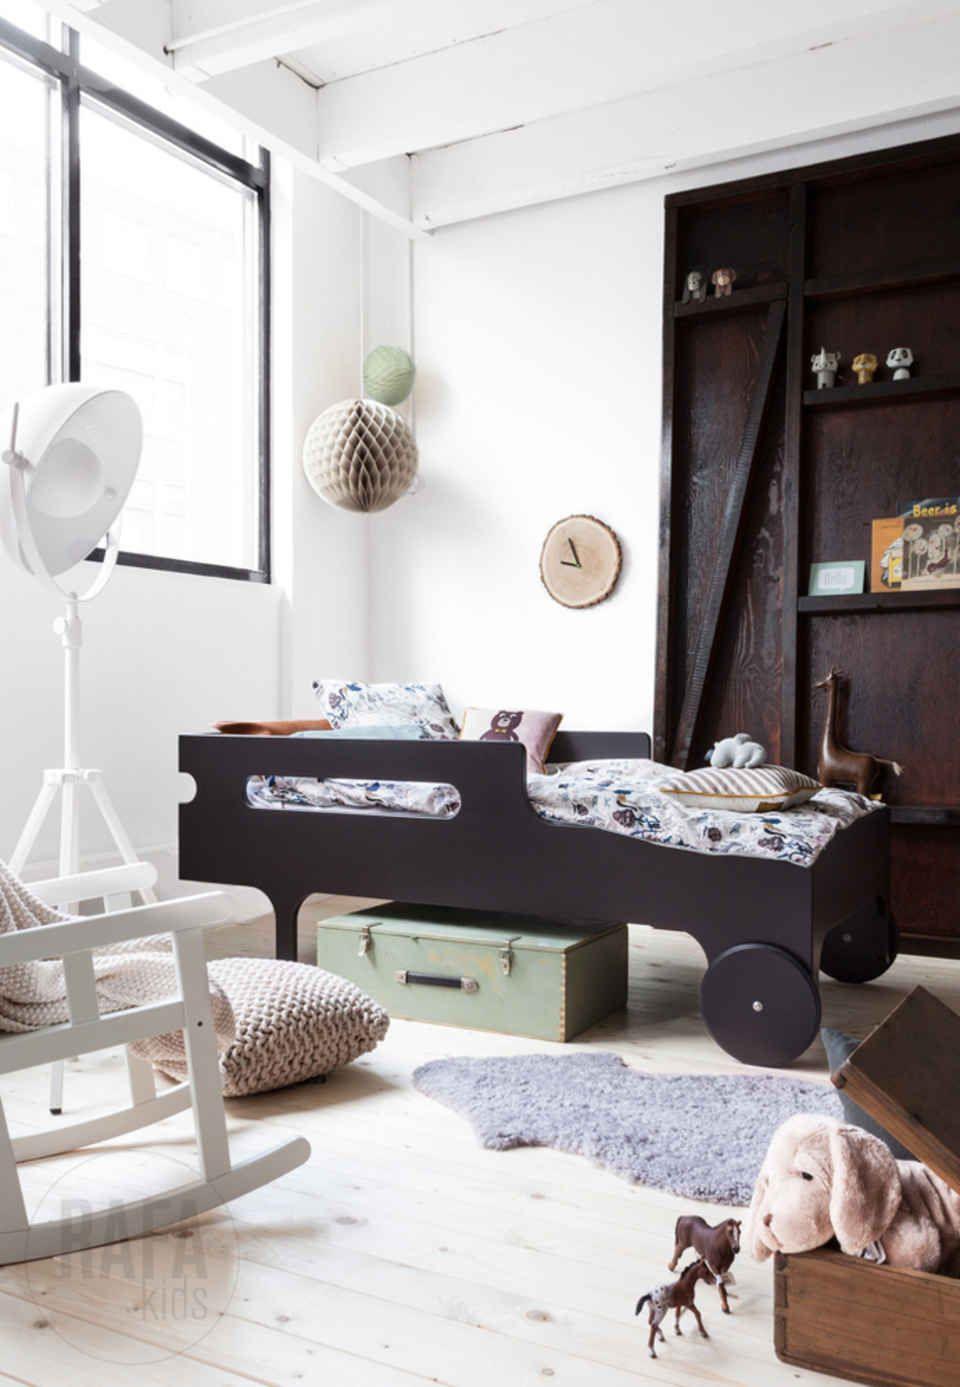 Receiving Room Interior Design: 22 Examples Of Minimal Interior Design #33